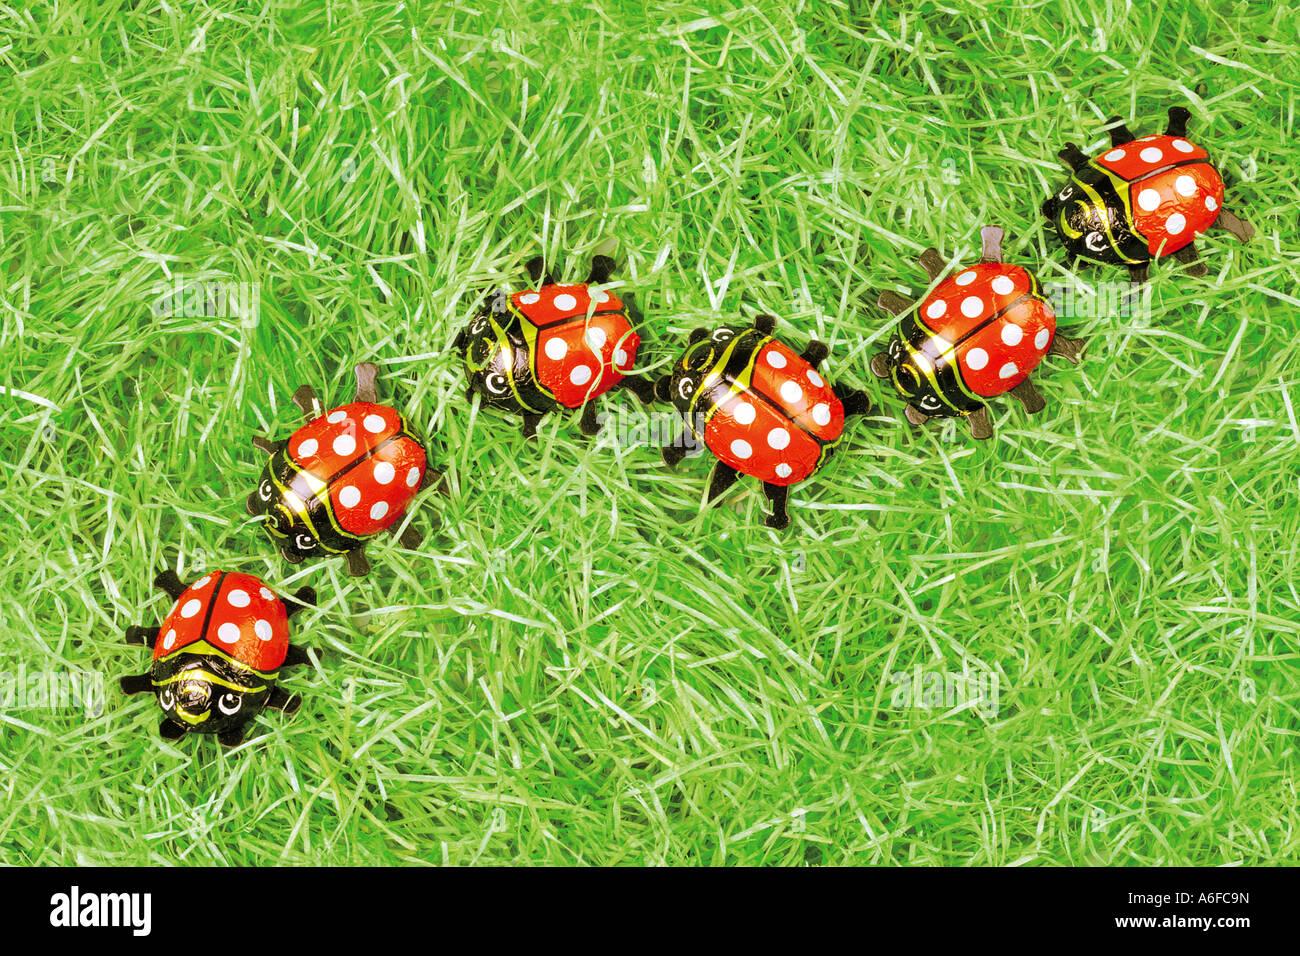 chocolate ladybugs ladybirds in a row Marienkäfer aus Schokolade in einer Reihe im Gras - Stock Image